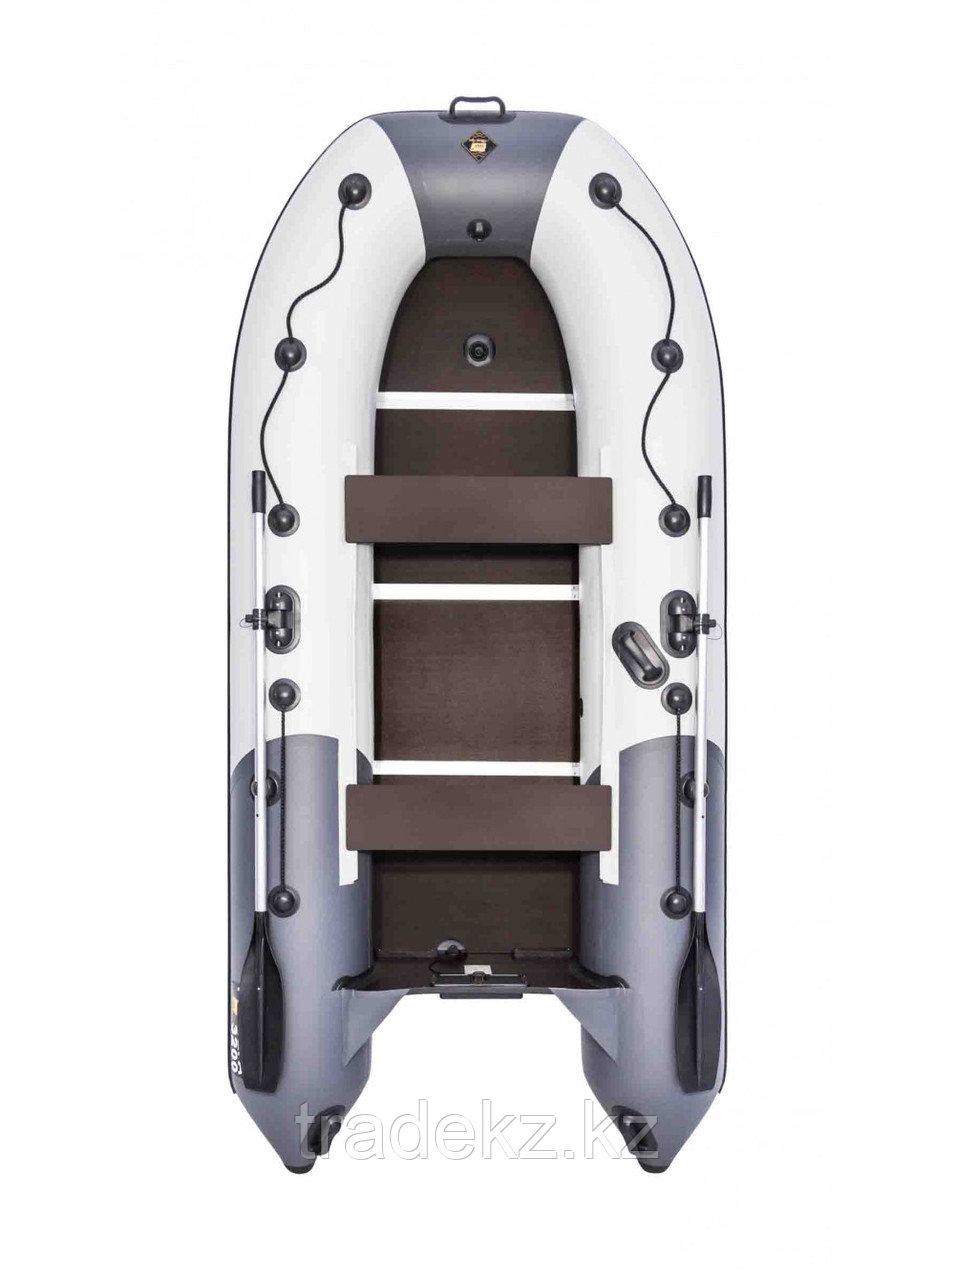 Лодка ПВХ Ривьера Компакт 3200 СК комби светло-серый/графит